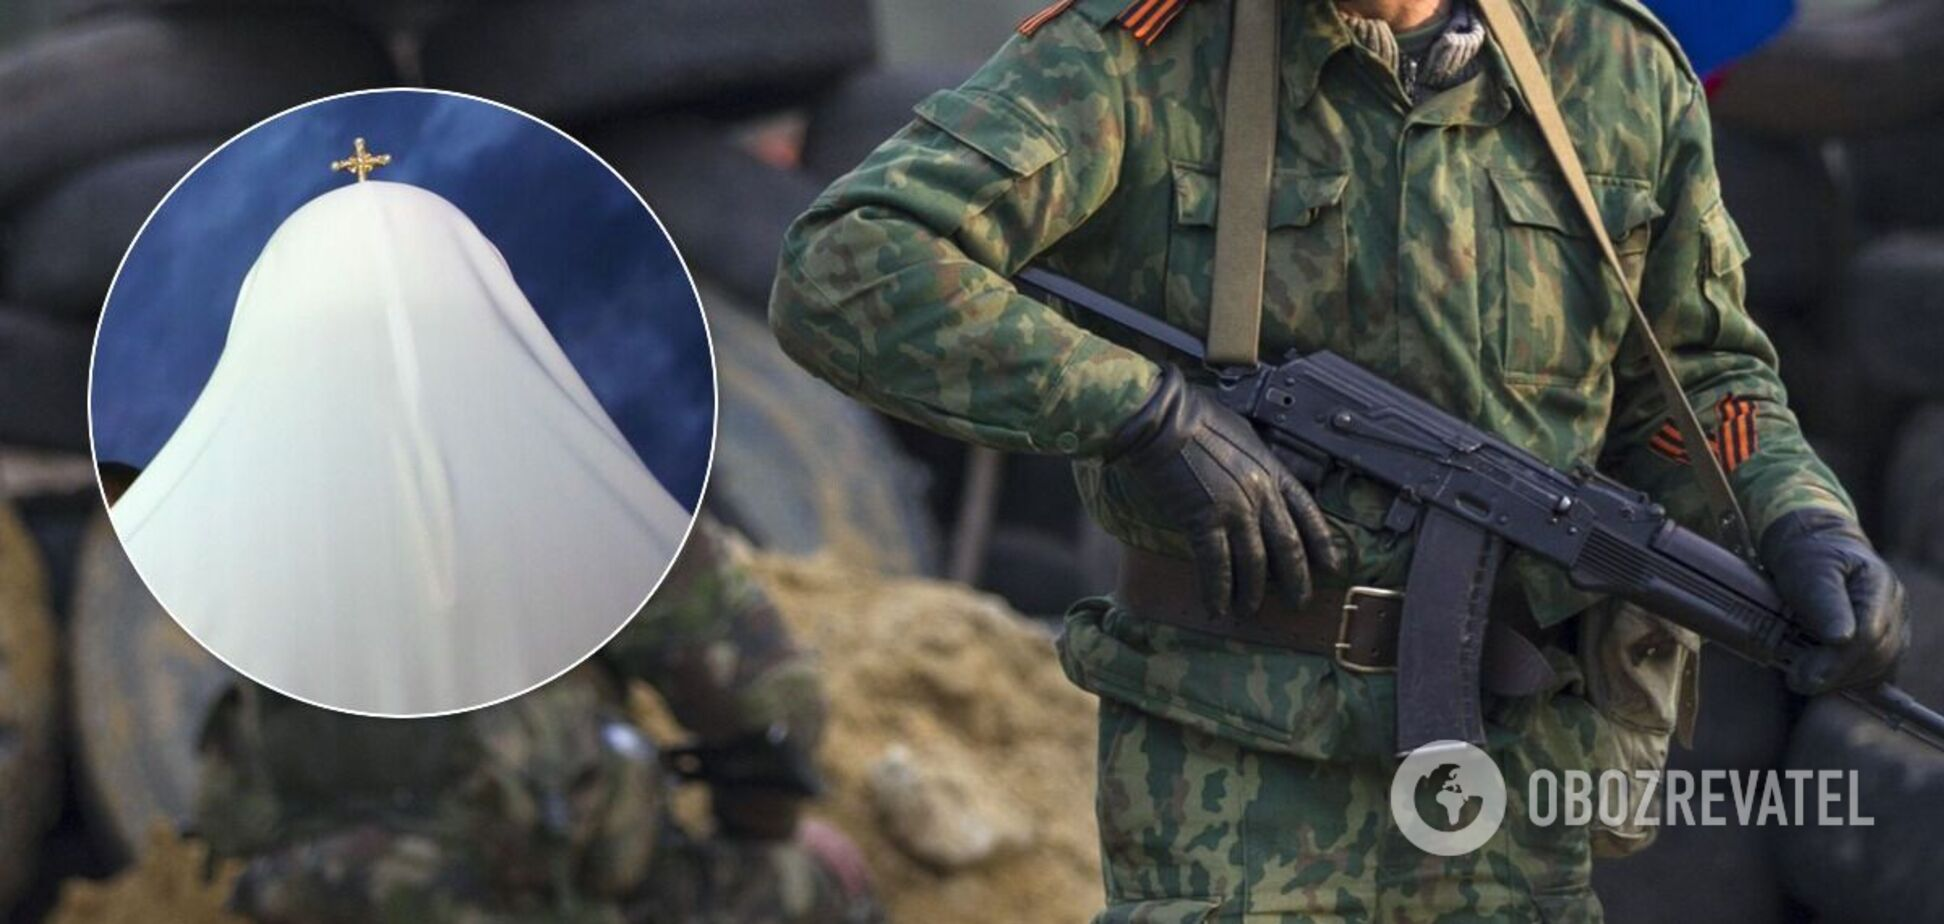 Священник одного из полков террористов участвовал в допросах воинов ВСУ